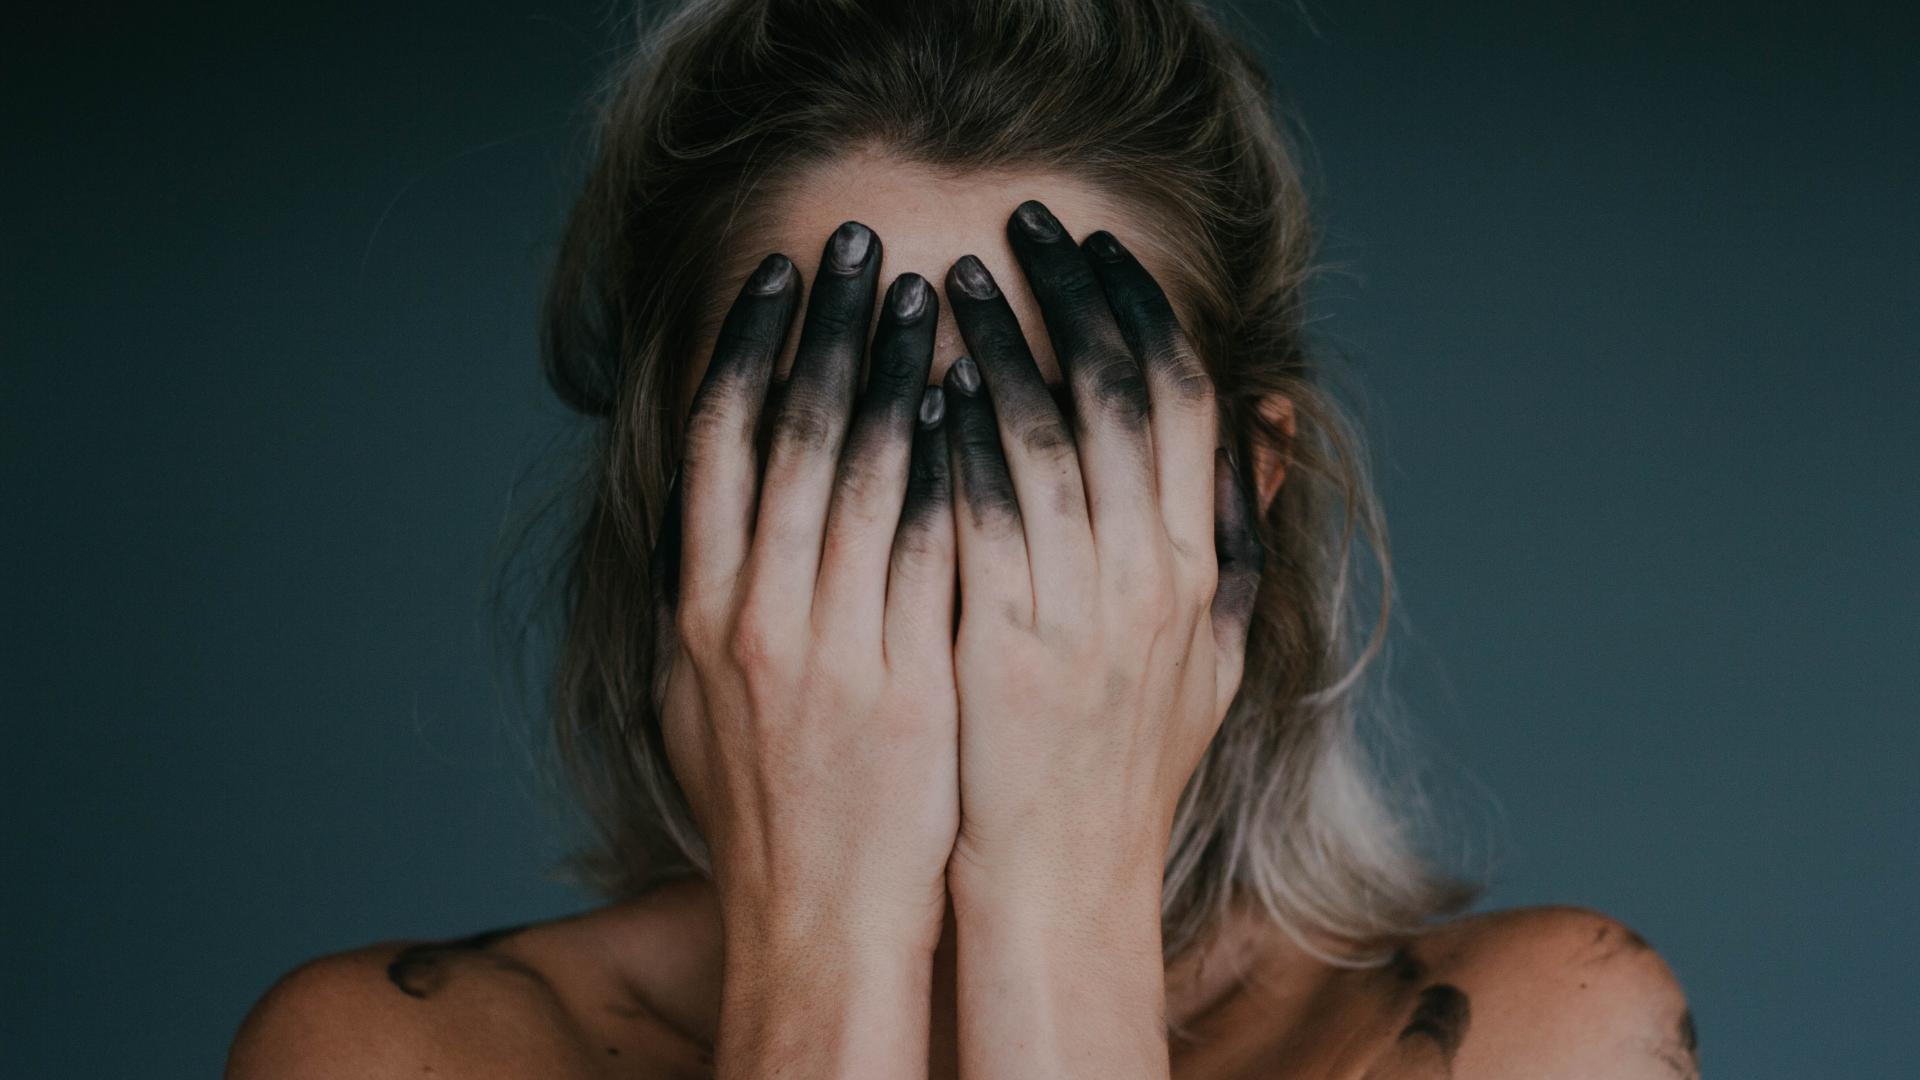 Frau mit schwarz gefärbten Fingern hält sich die Hände vor das Gesicht